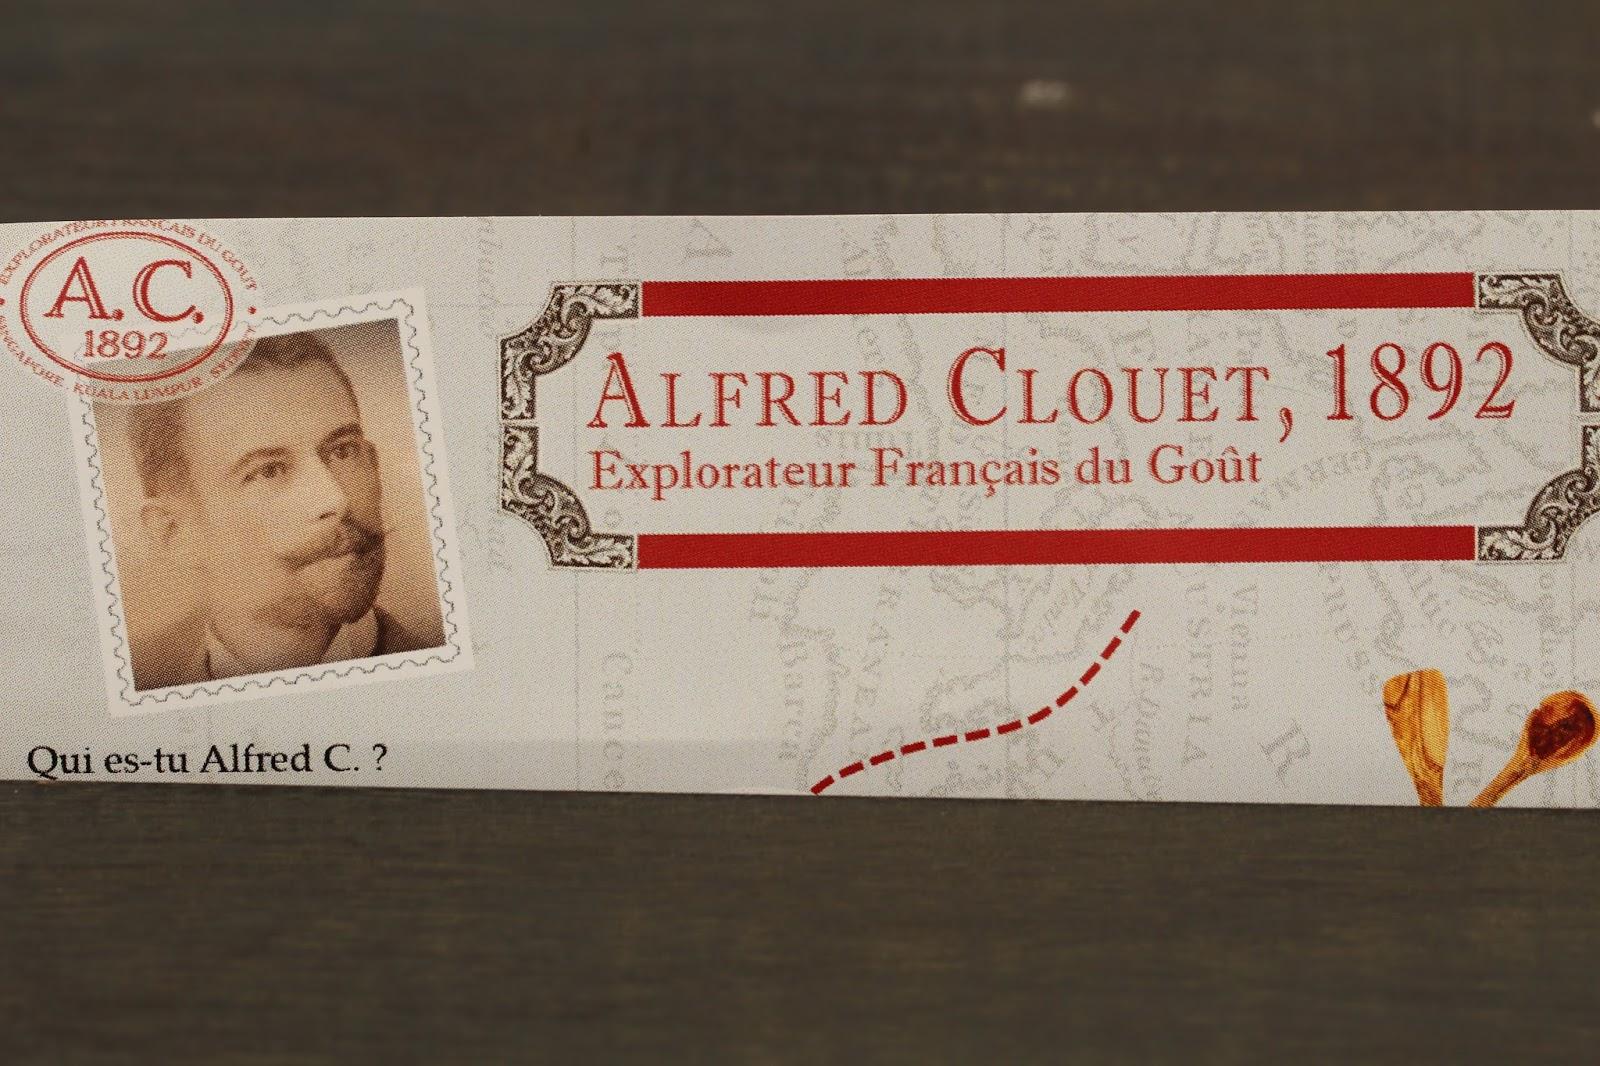 Qui es-tu Alfred Clouet?